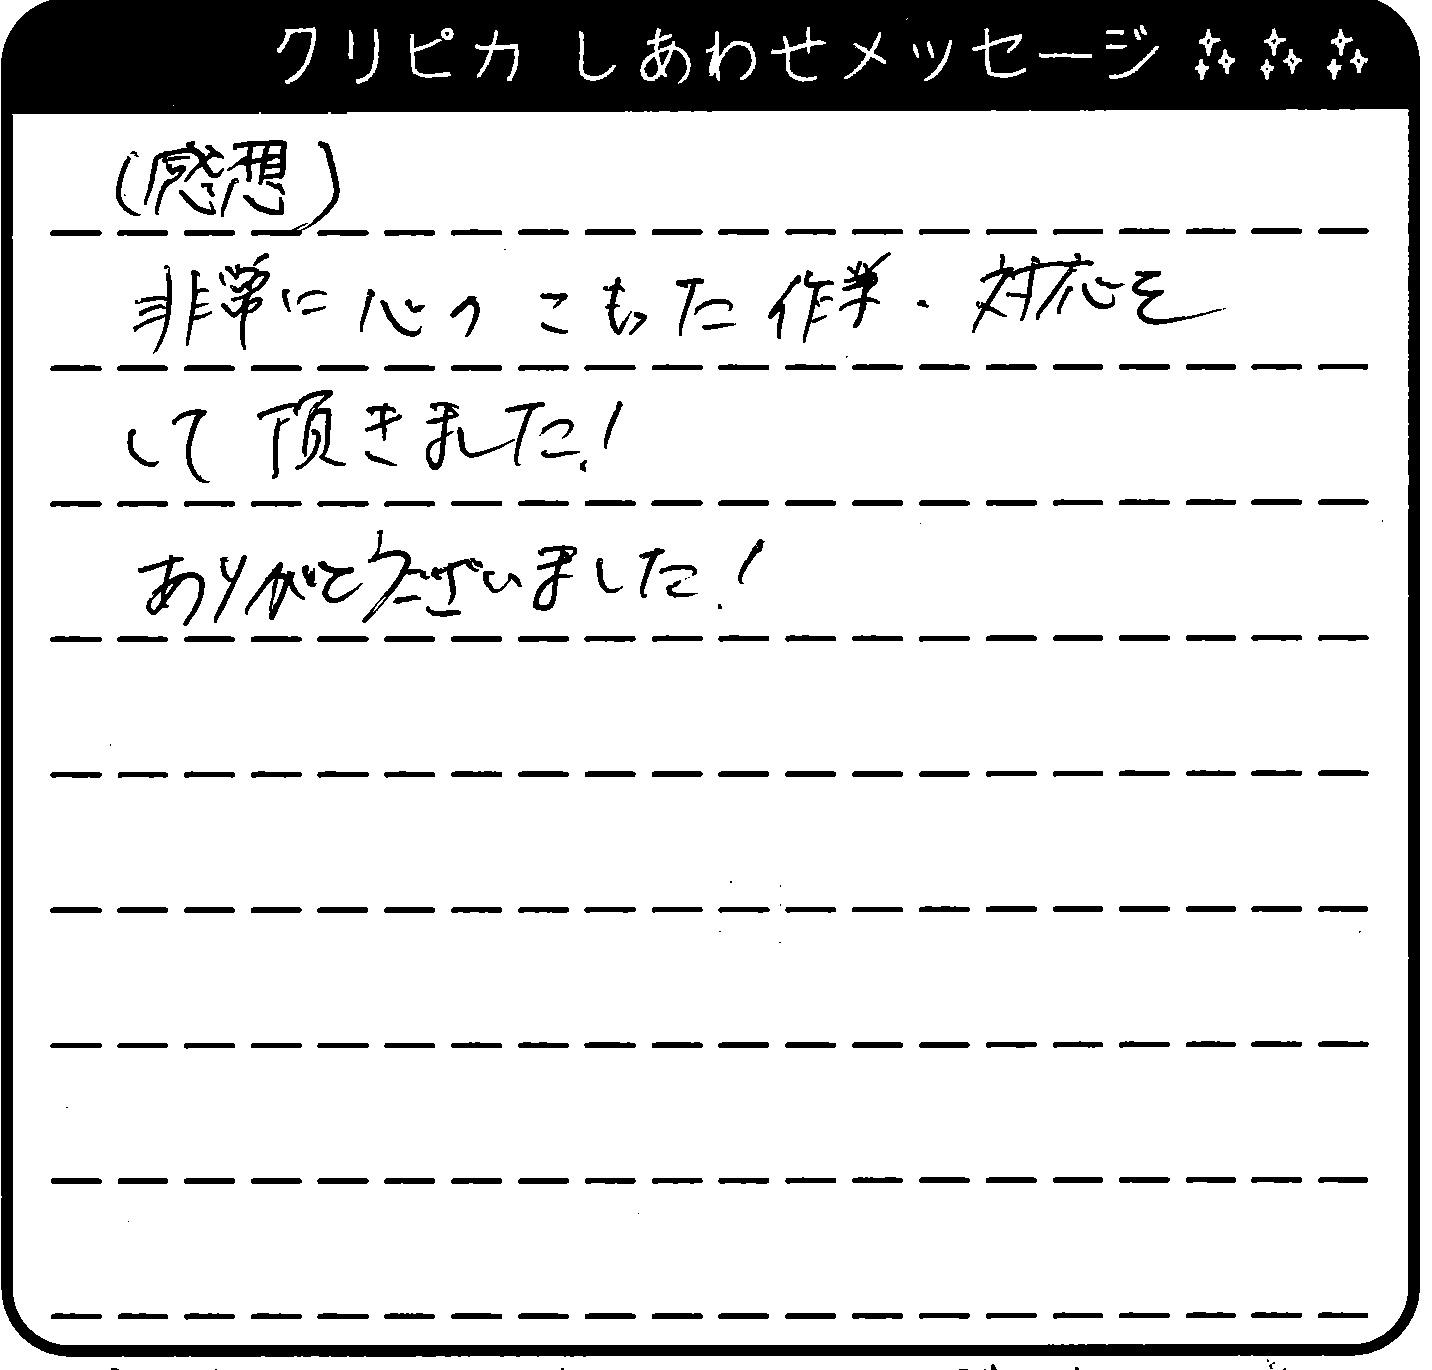 愛知県 G様からのしあわせメッセージ